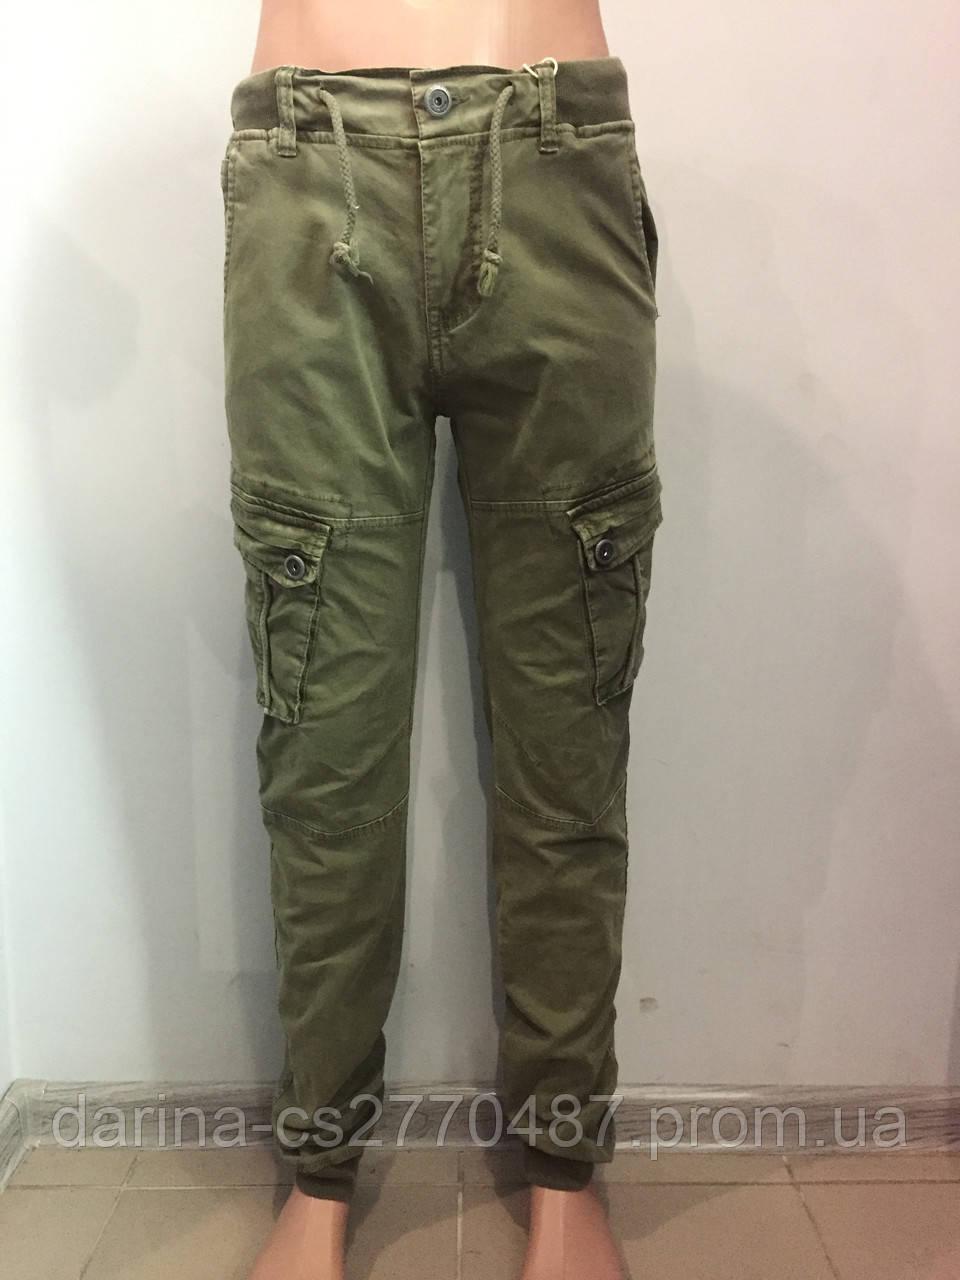 Модные котоновые брюки для мальчика 140,146,152 см, фото 1